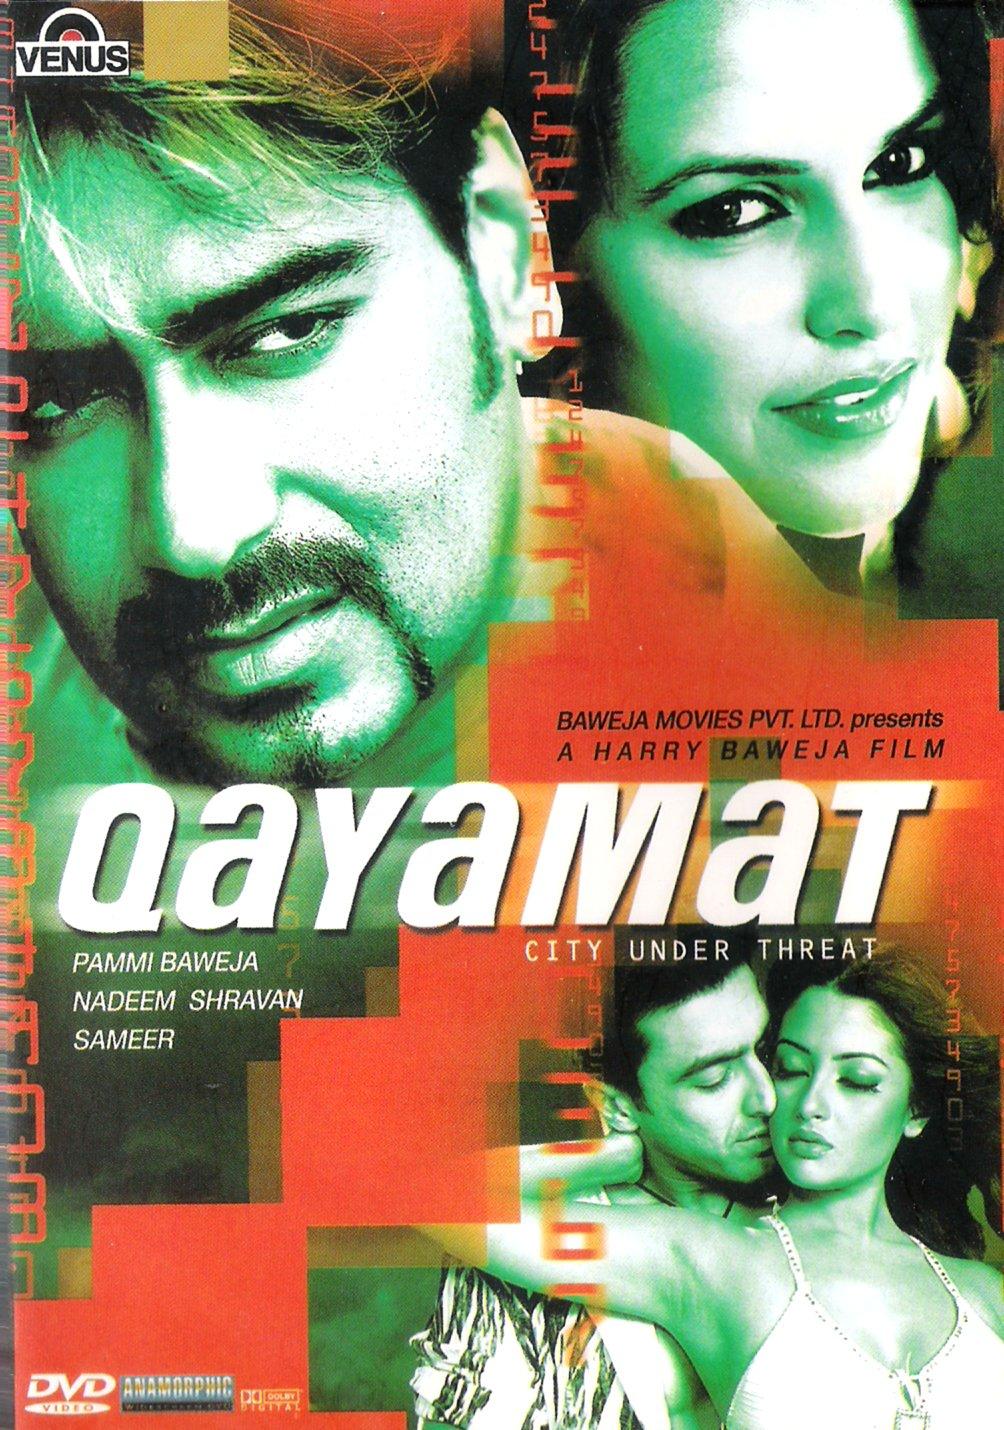 Amazoncom Qayamat Ajay Devgan Sunil Shetty Sanjay Kapoor Isha